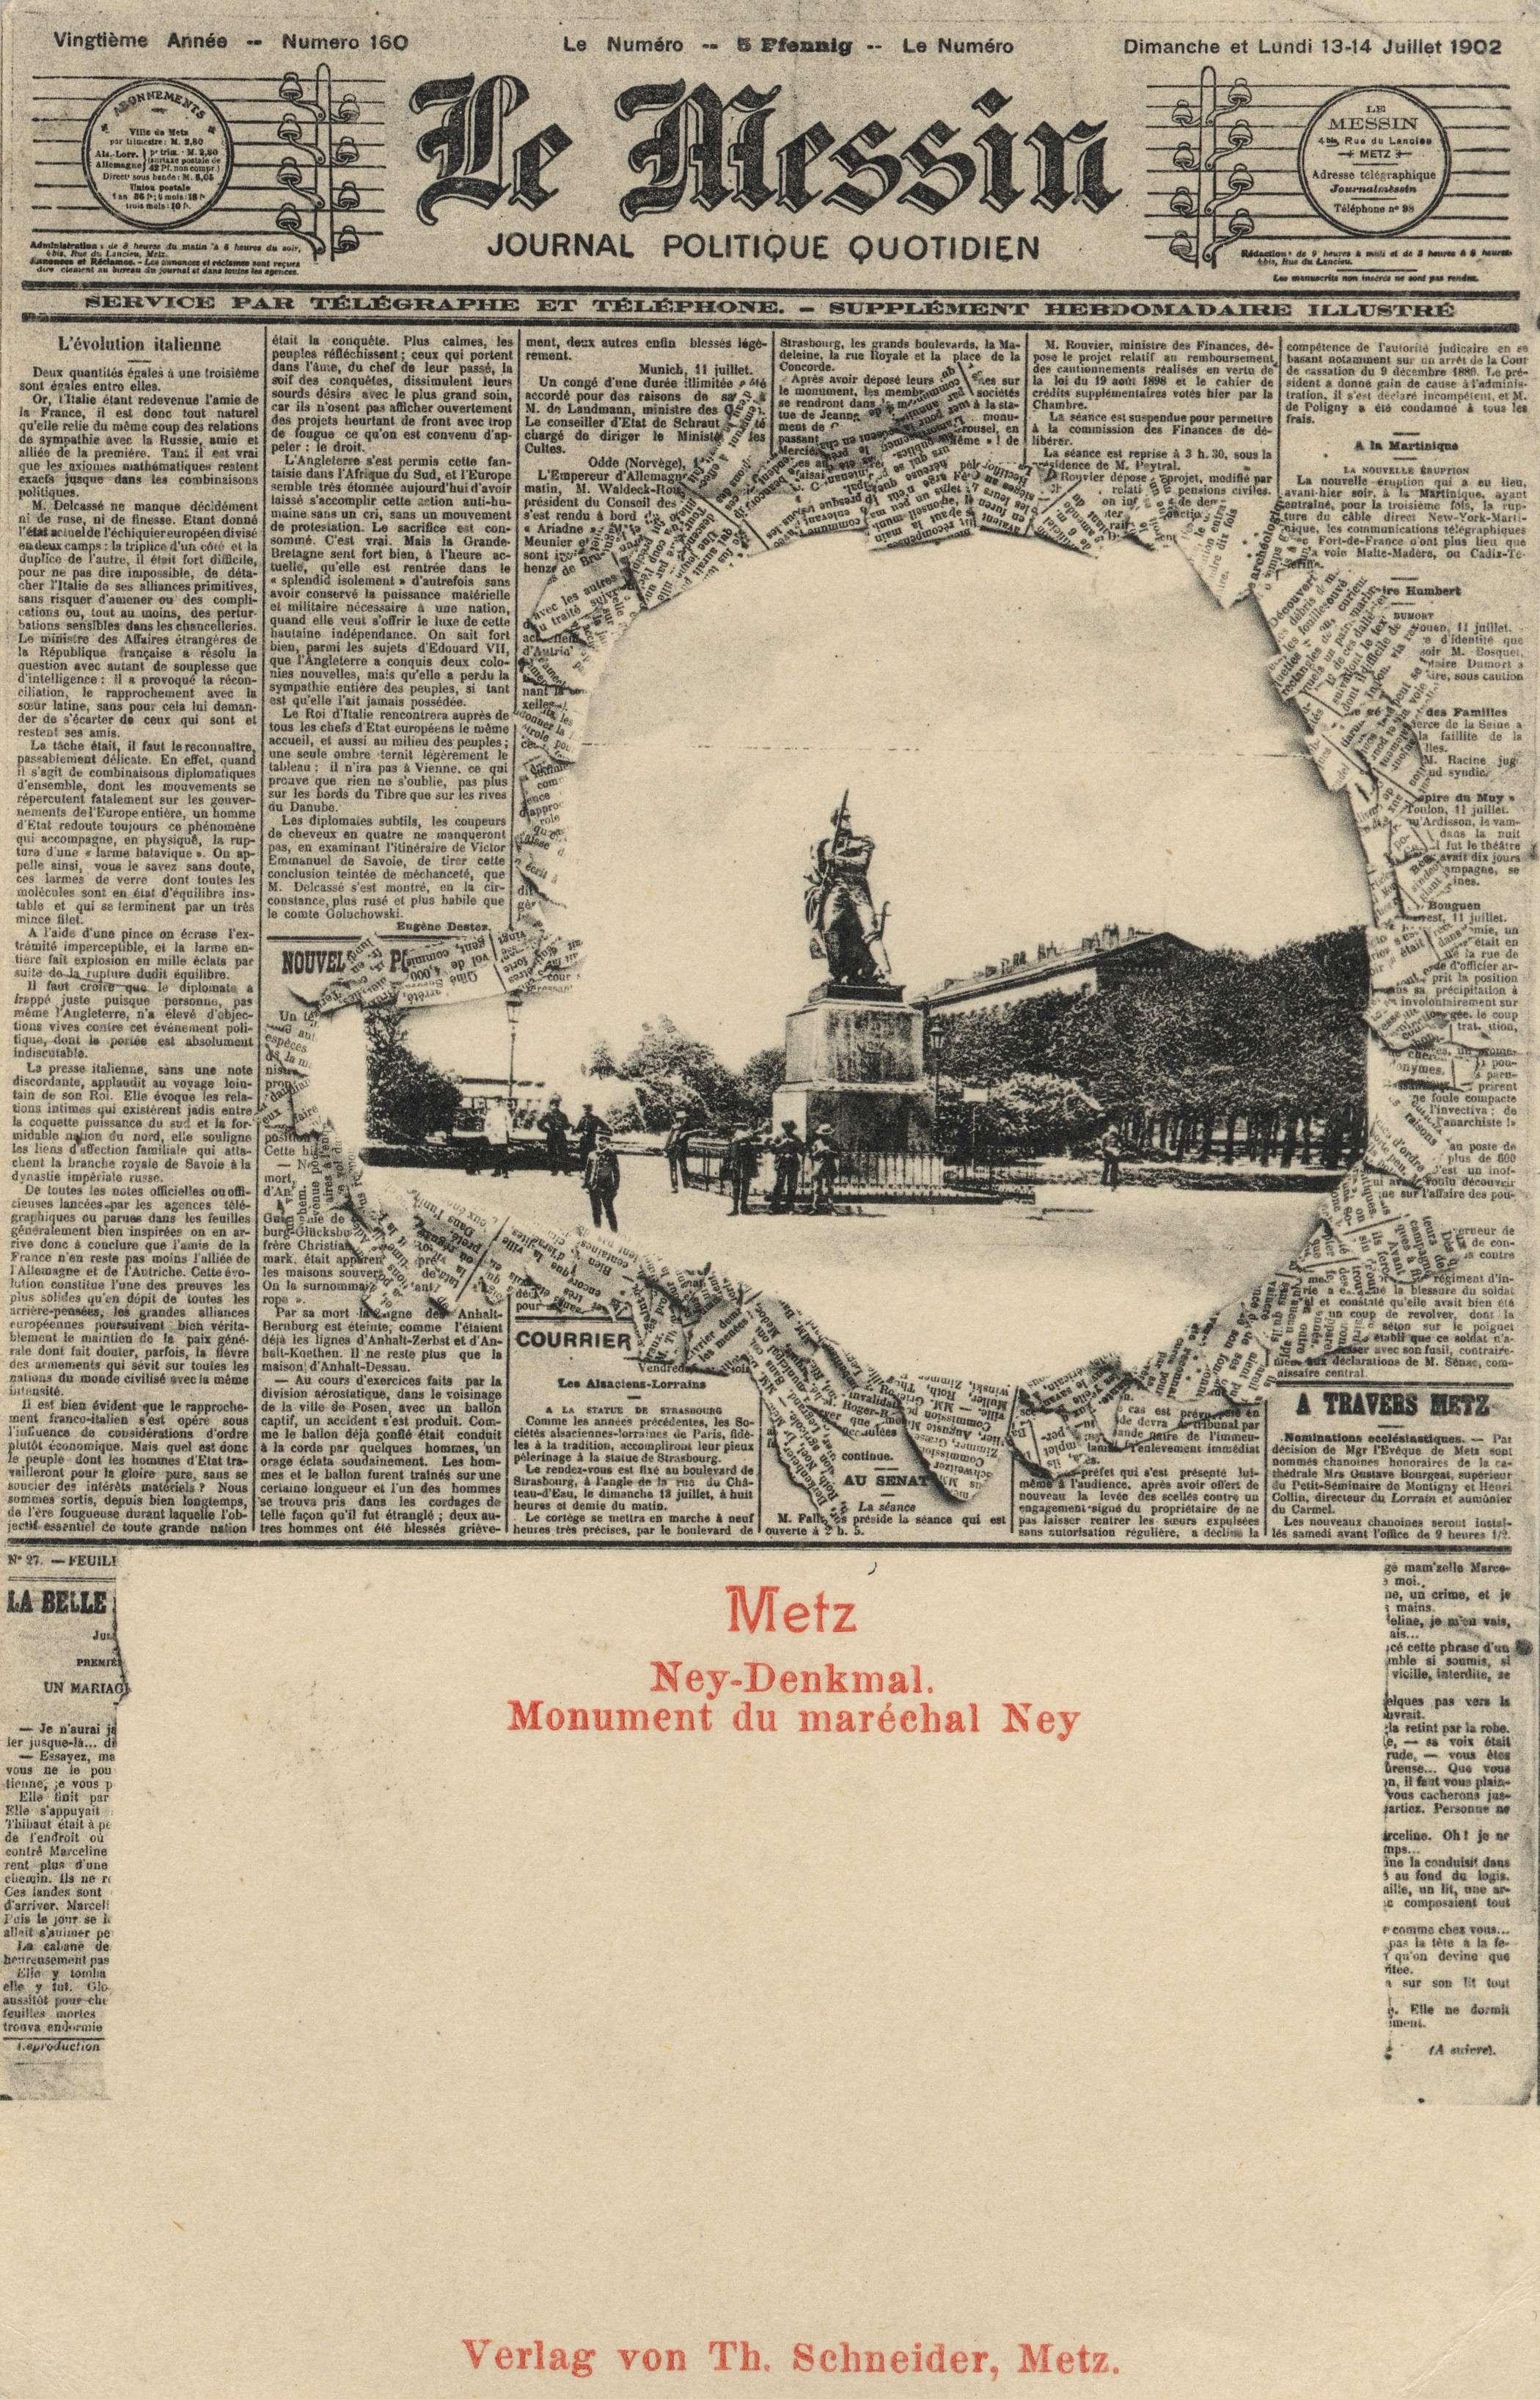 Contenu du Le Messin - Metz Ney-Denkmal. Monument dumaréchal Ney